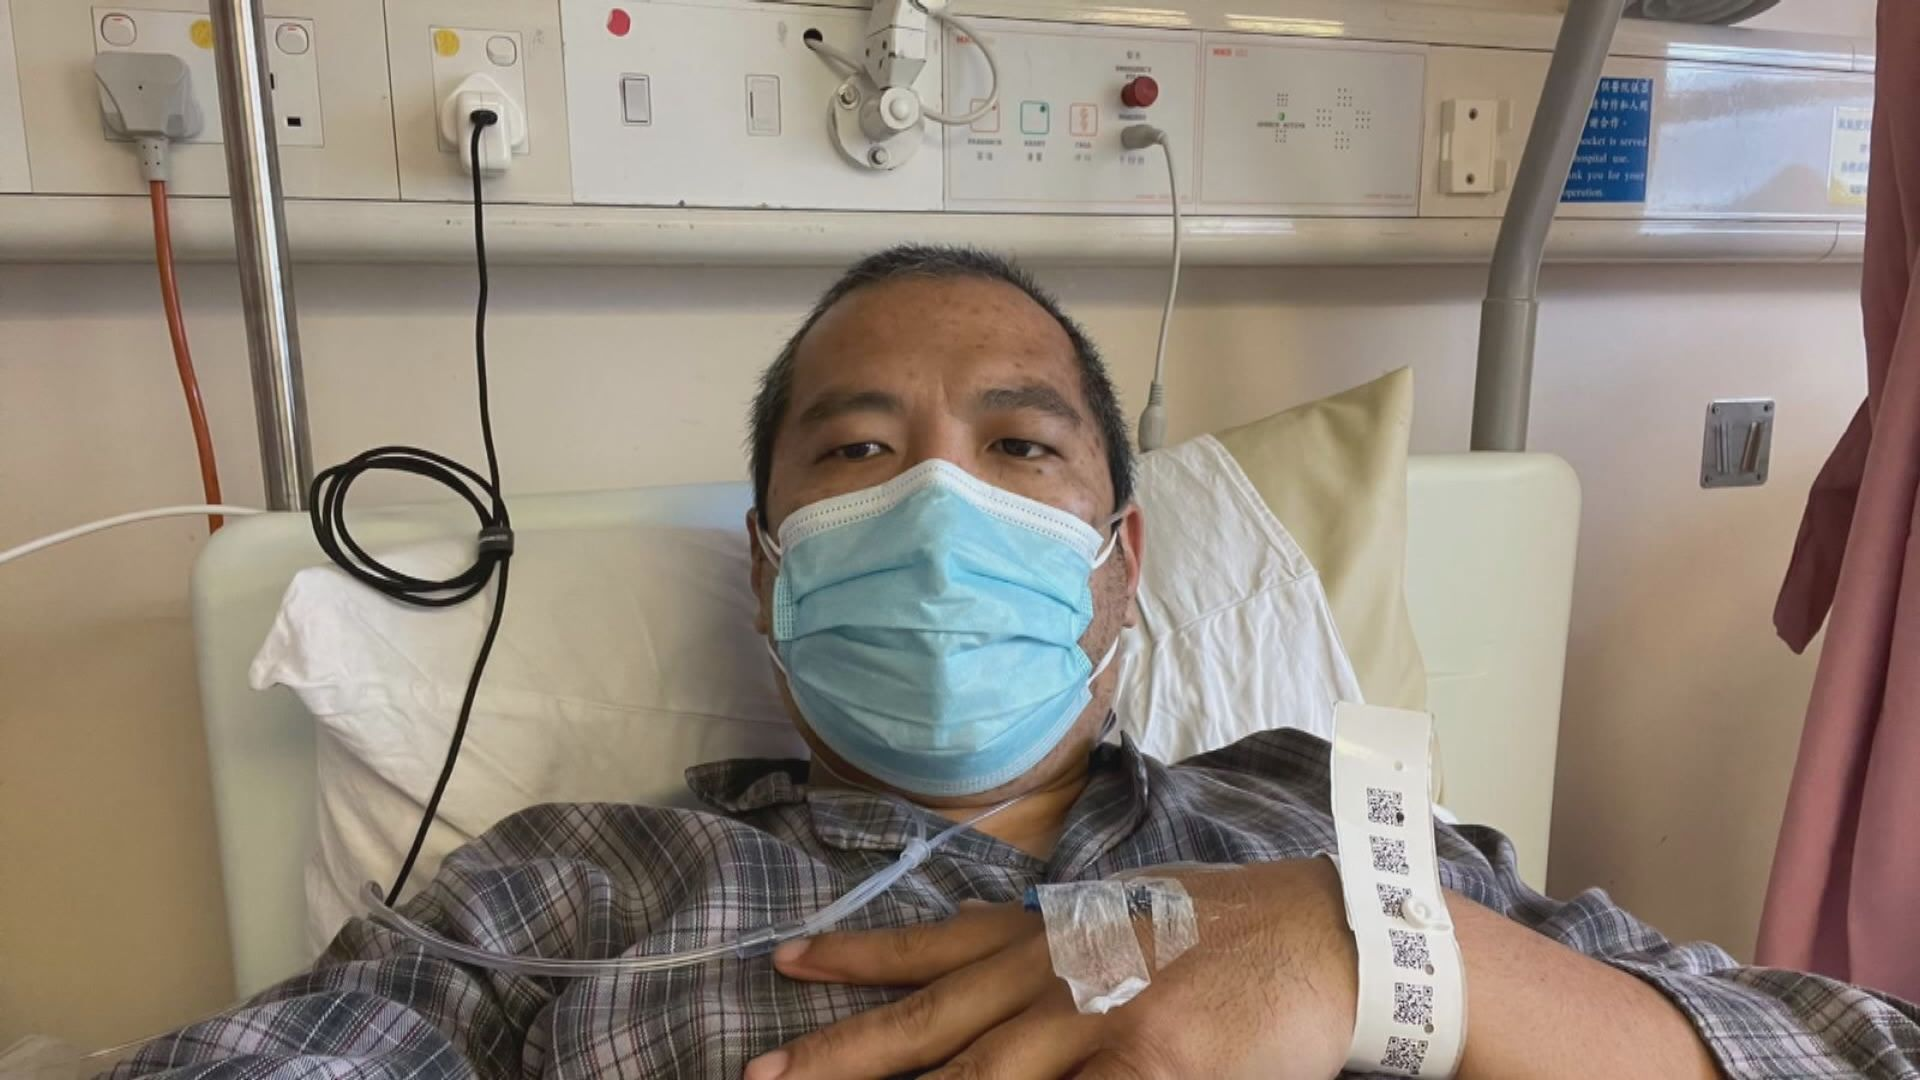 尼泊爾男子社區檢測兩度陰性 政府指病毒量低及有抗體